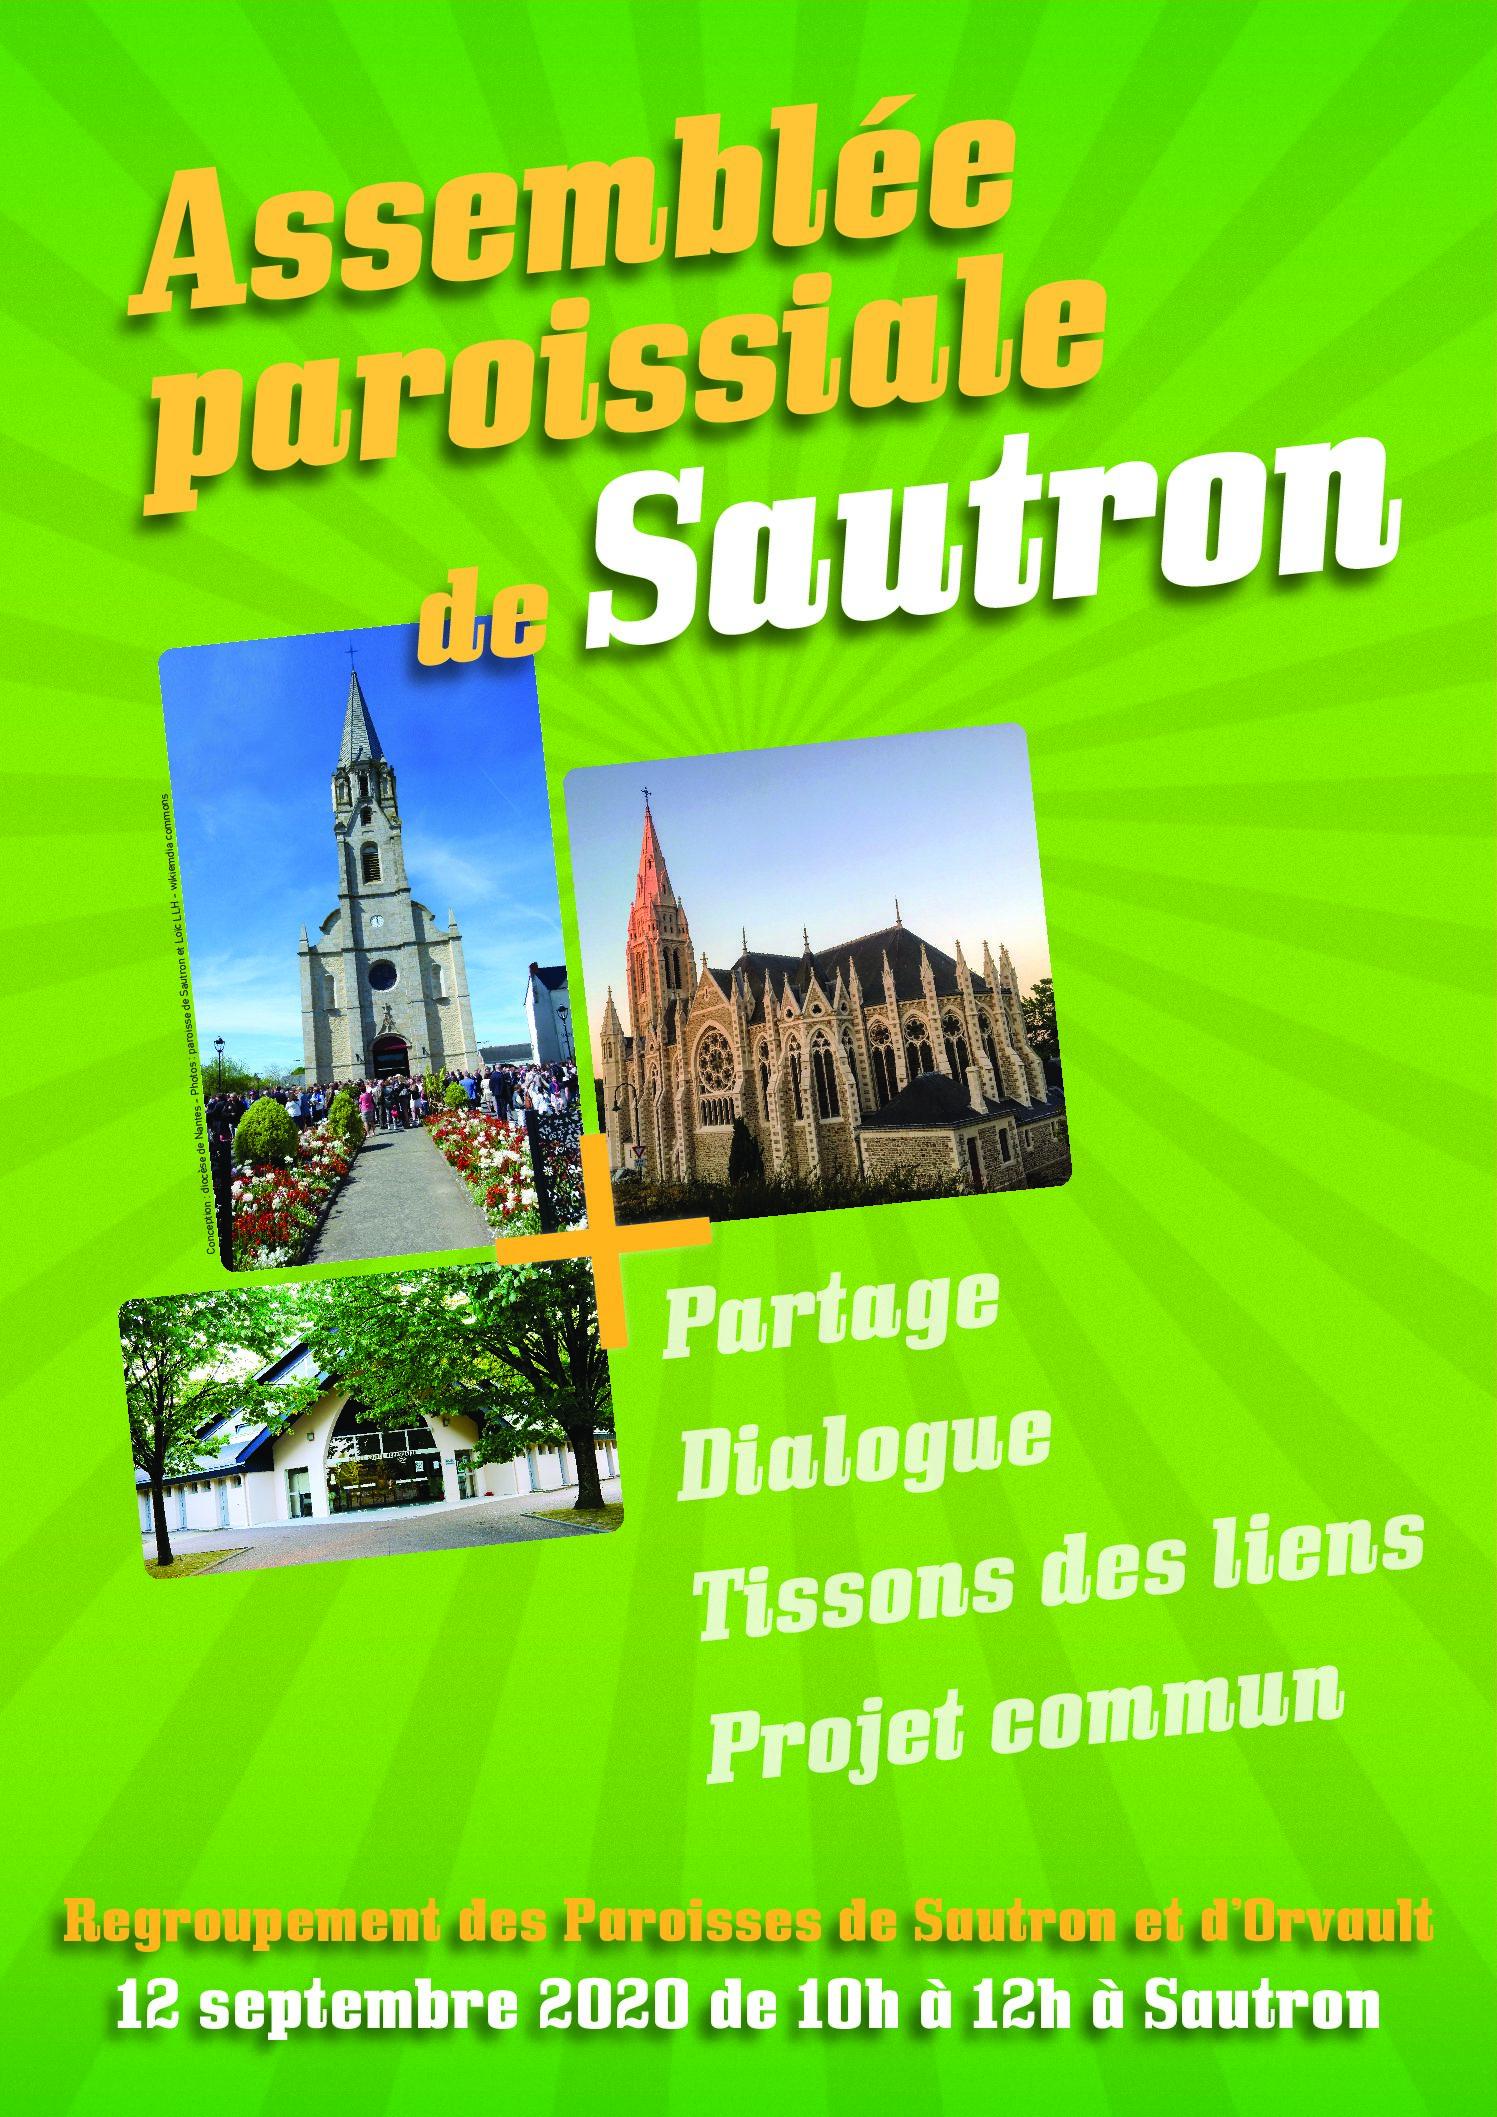 Quel avenir pour la paroisse de Sautron?